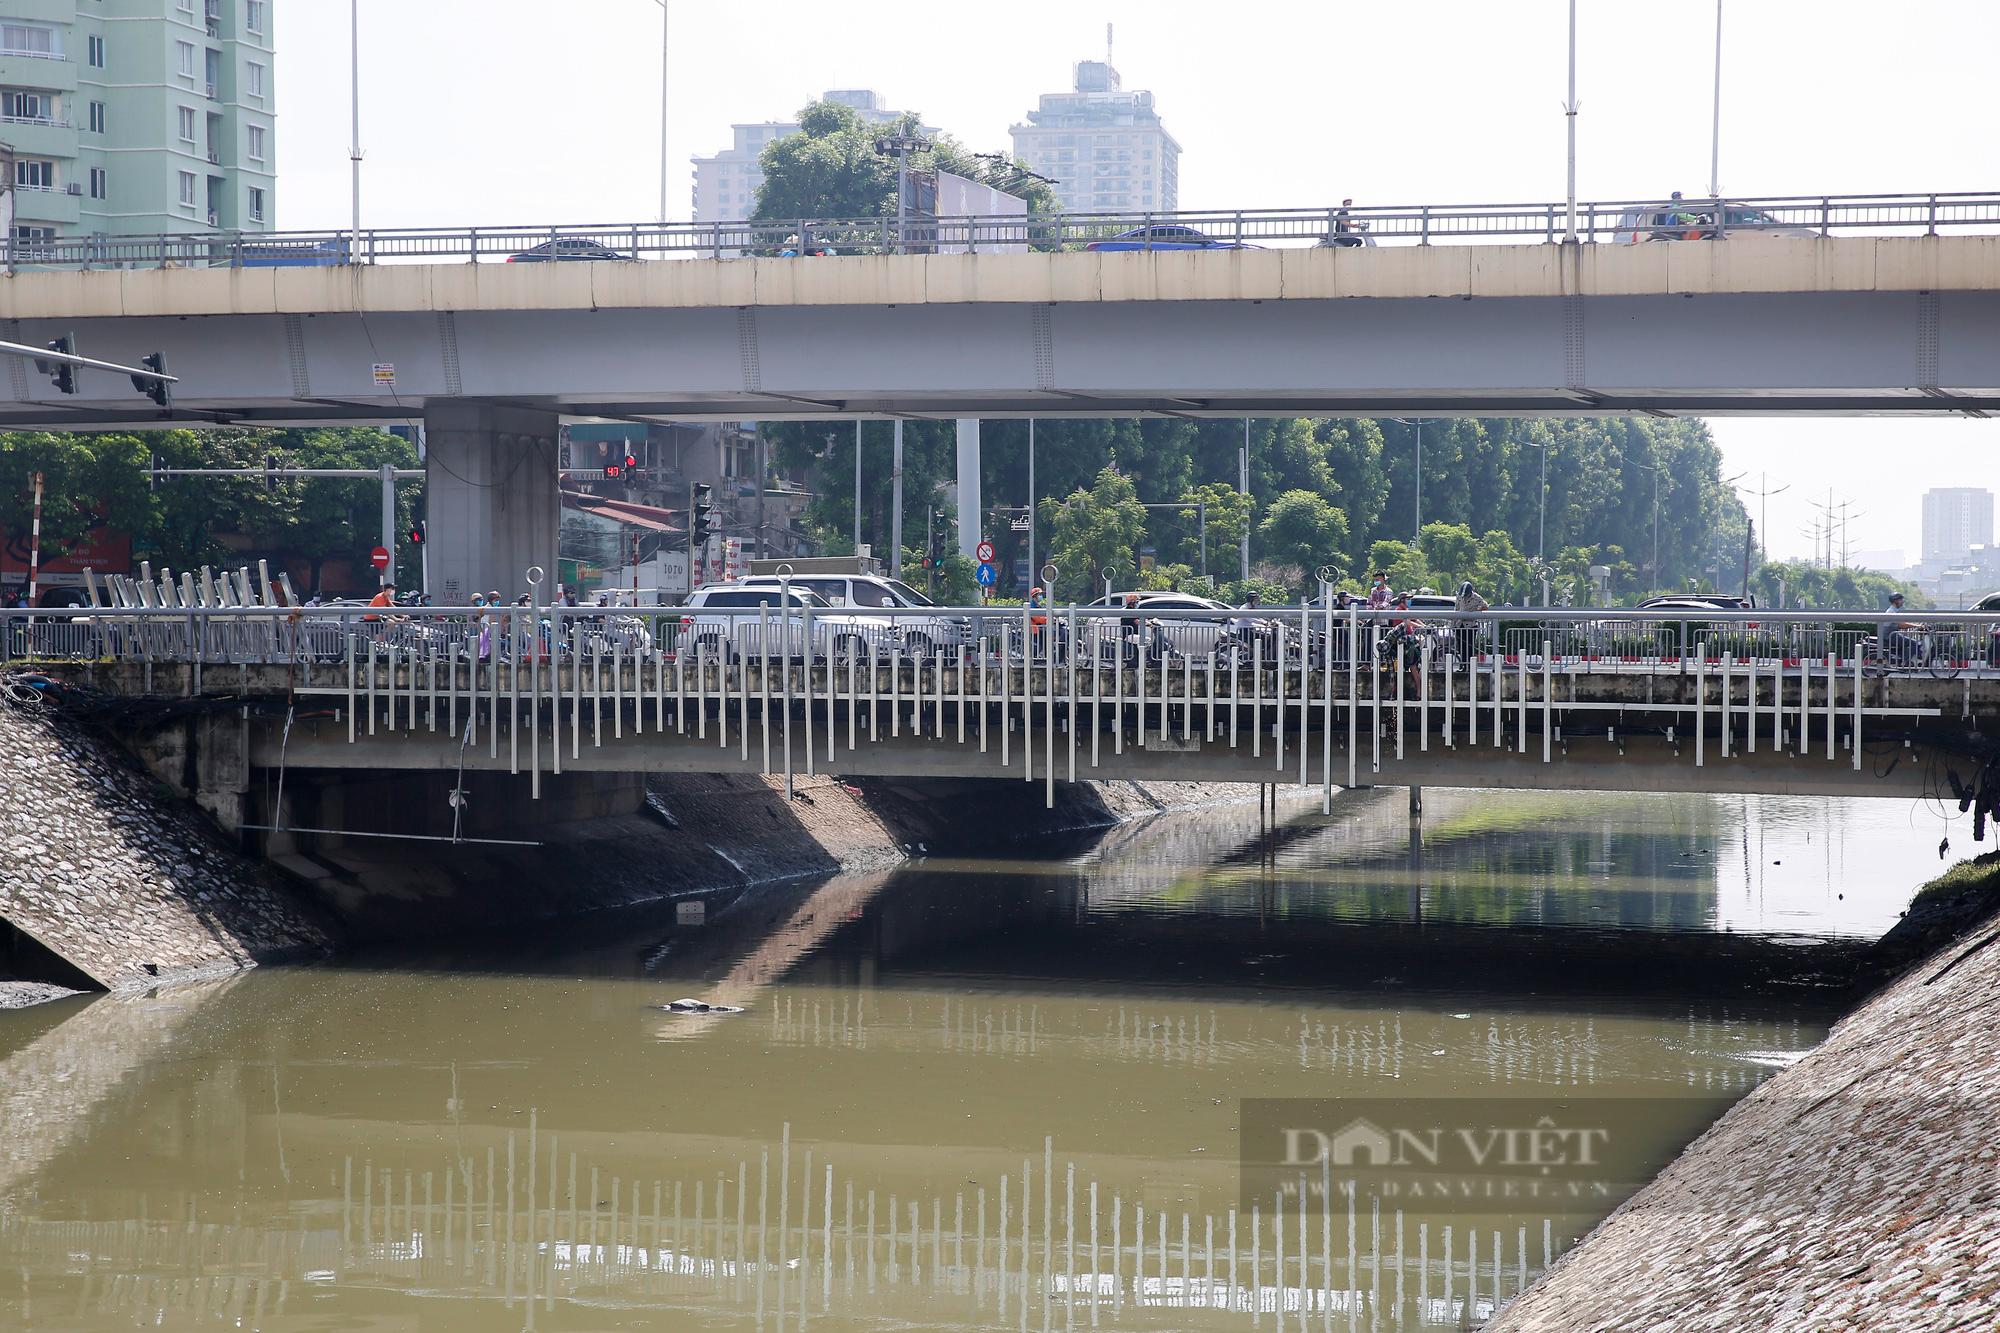 Vẻ đẹp khác lạ của con sông ô nhiễm nhất Hà Nội sau khi đổi màu nước - Ảnh 2.